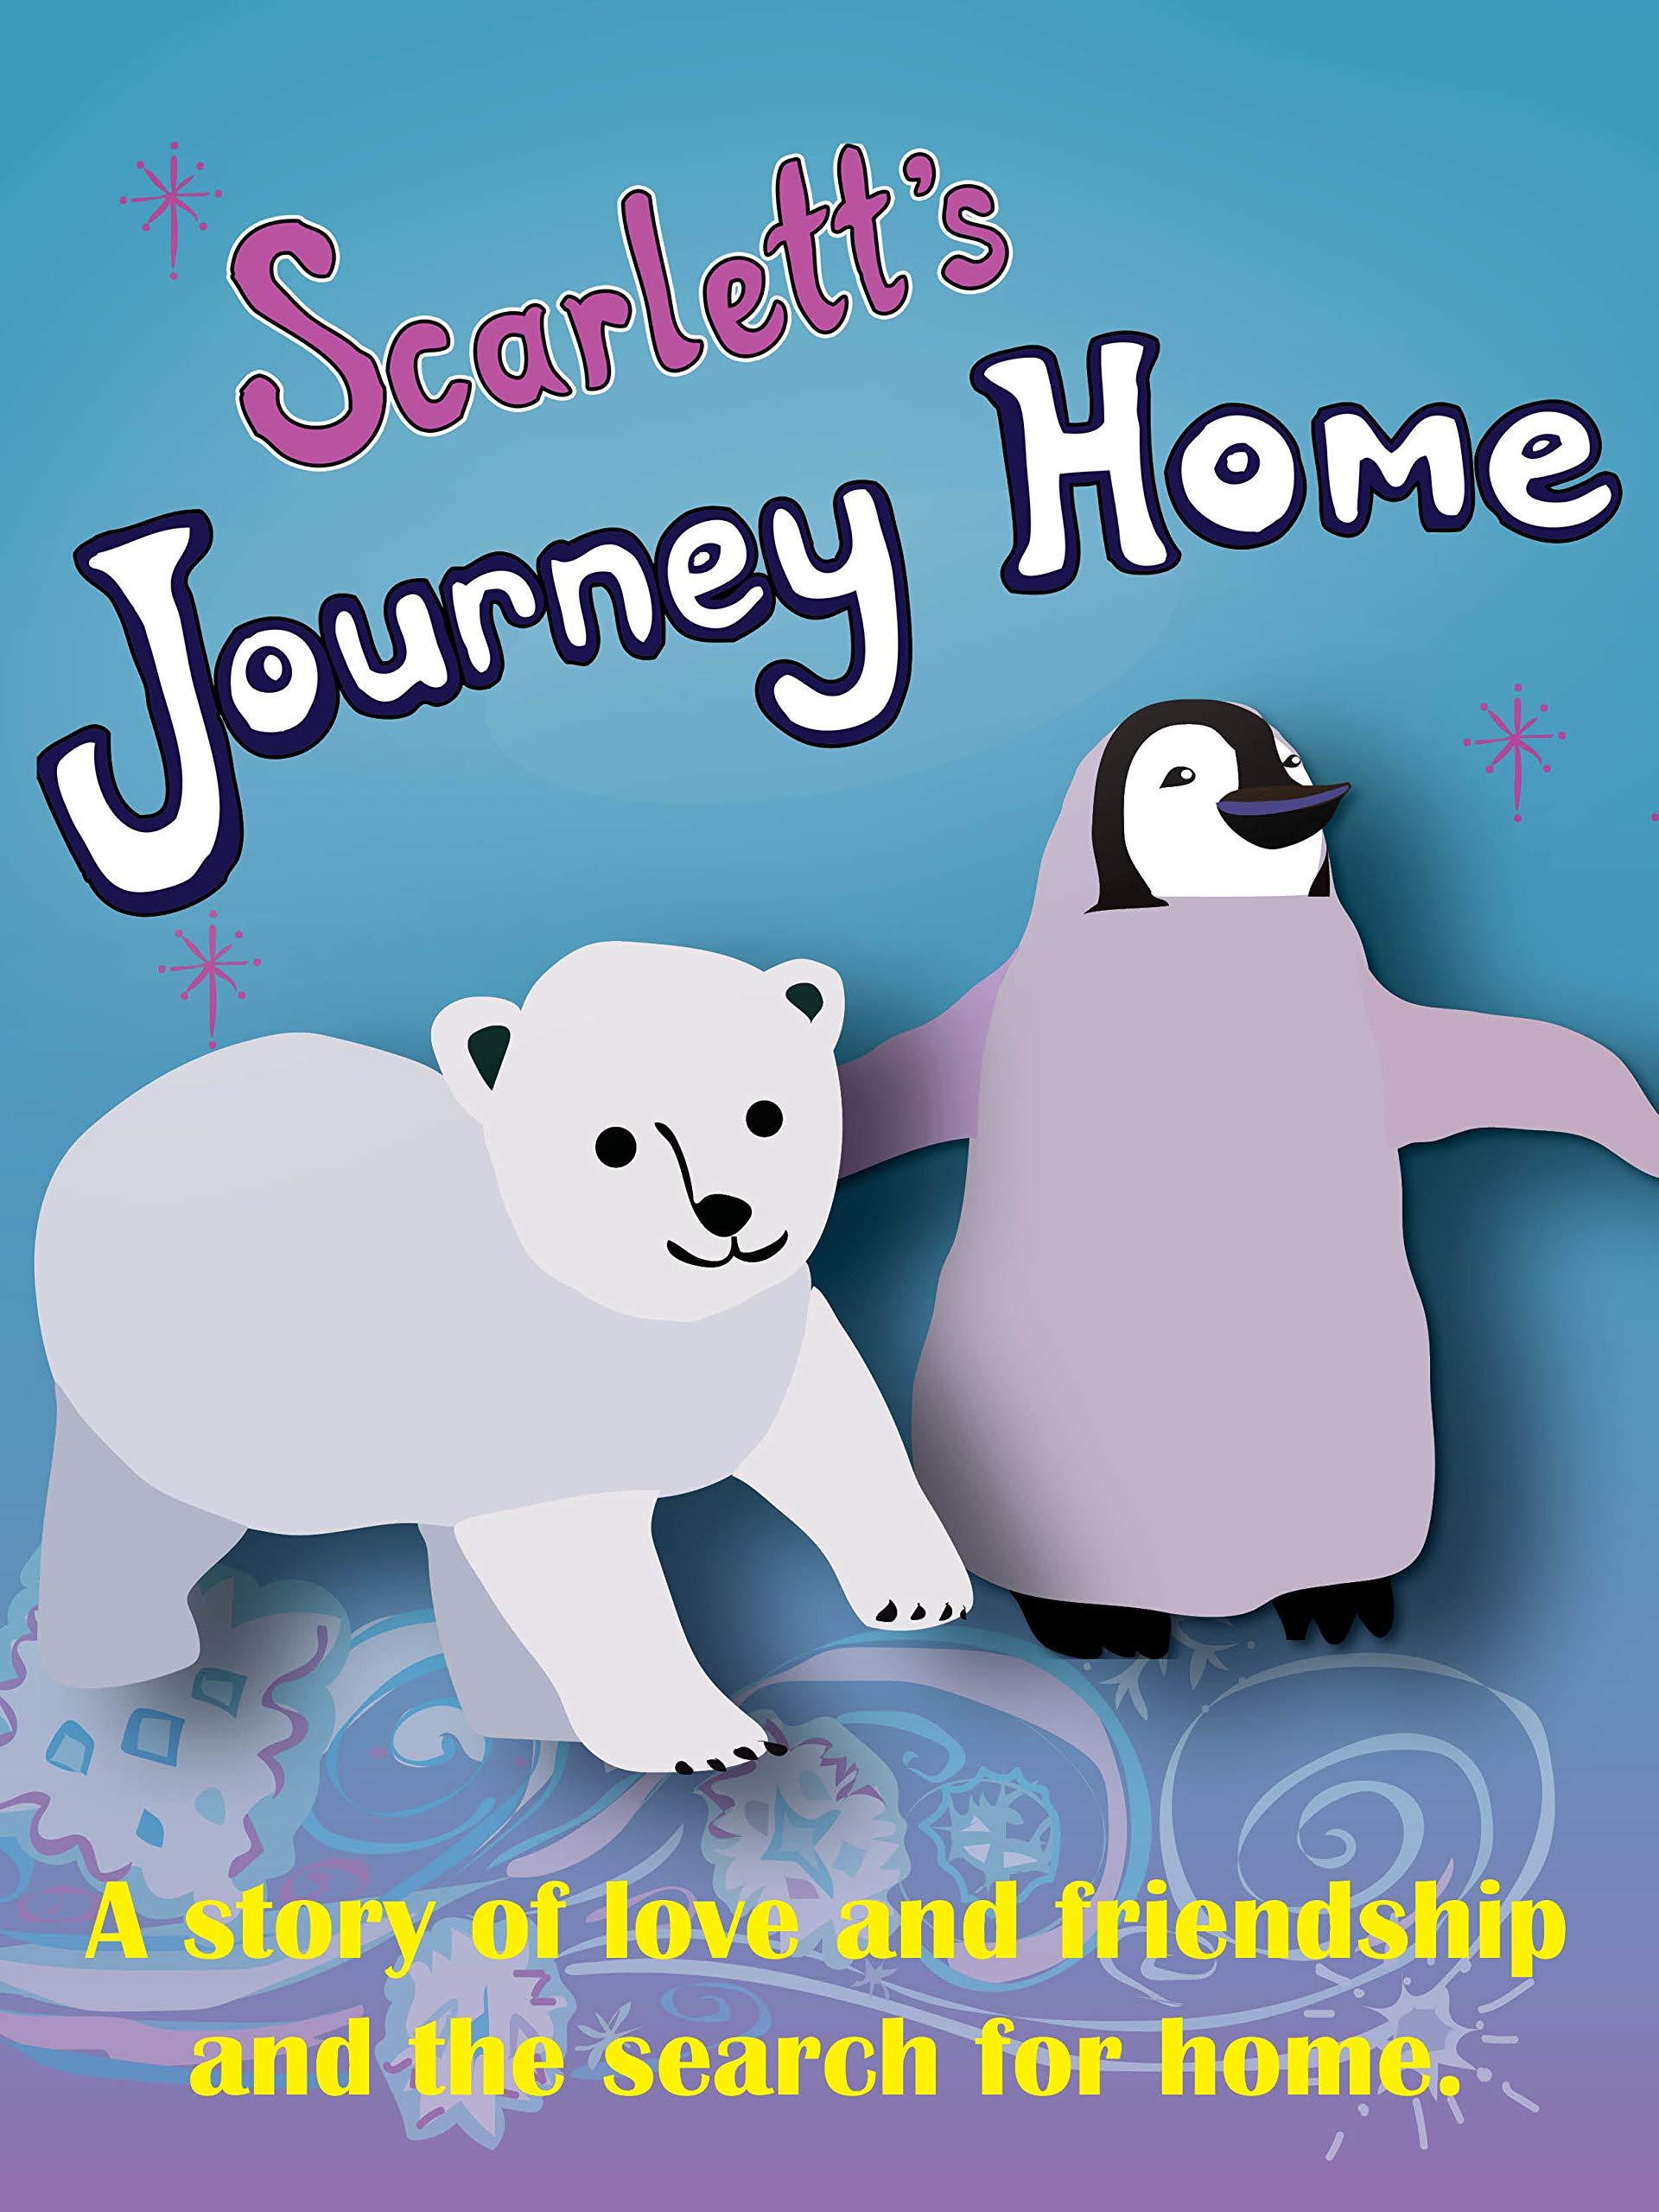 Scarlett's Journey Home